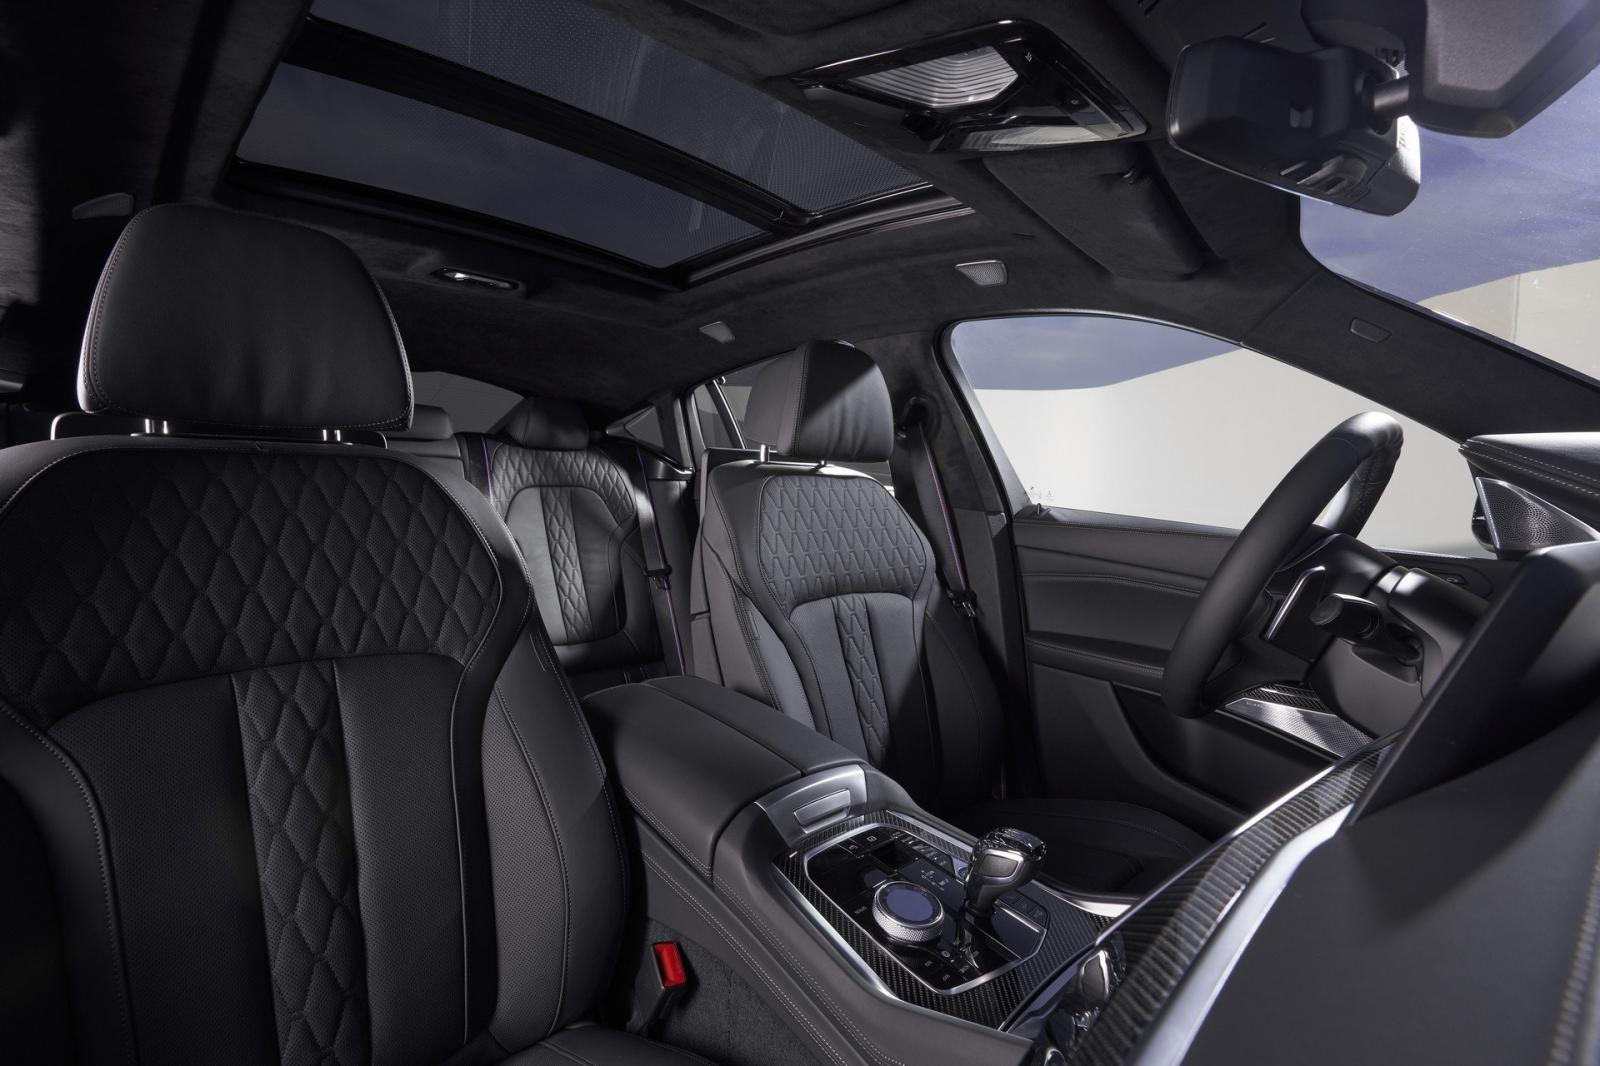 BMW X6 2020 chính thức ra mắt tại Mỹ, dáng vóc rất thể thao 5a